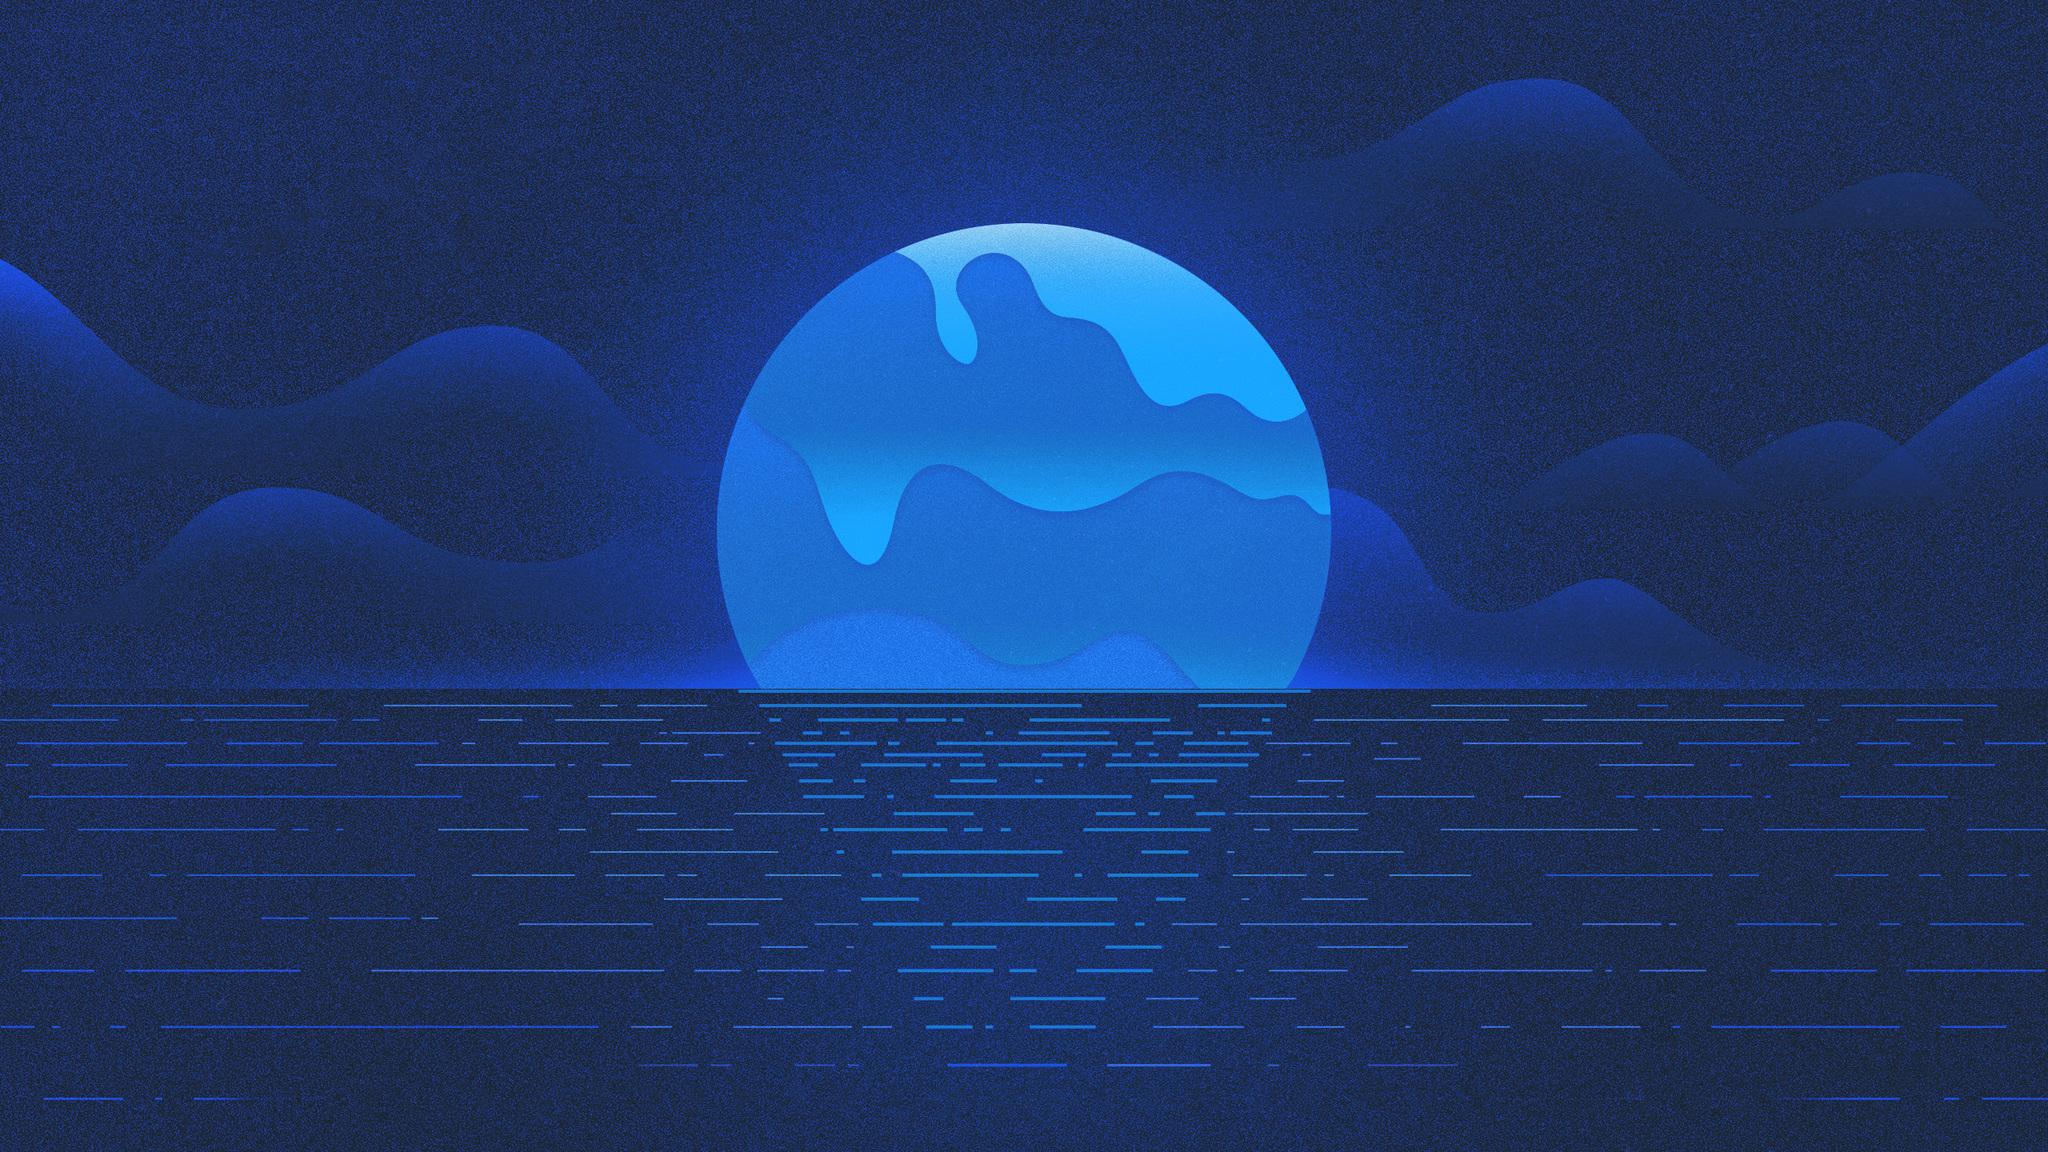 2048x1152 melting july blue cool ocean sunet 2048x1152 resolution hd